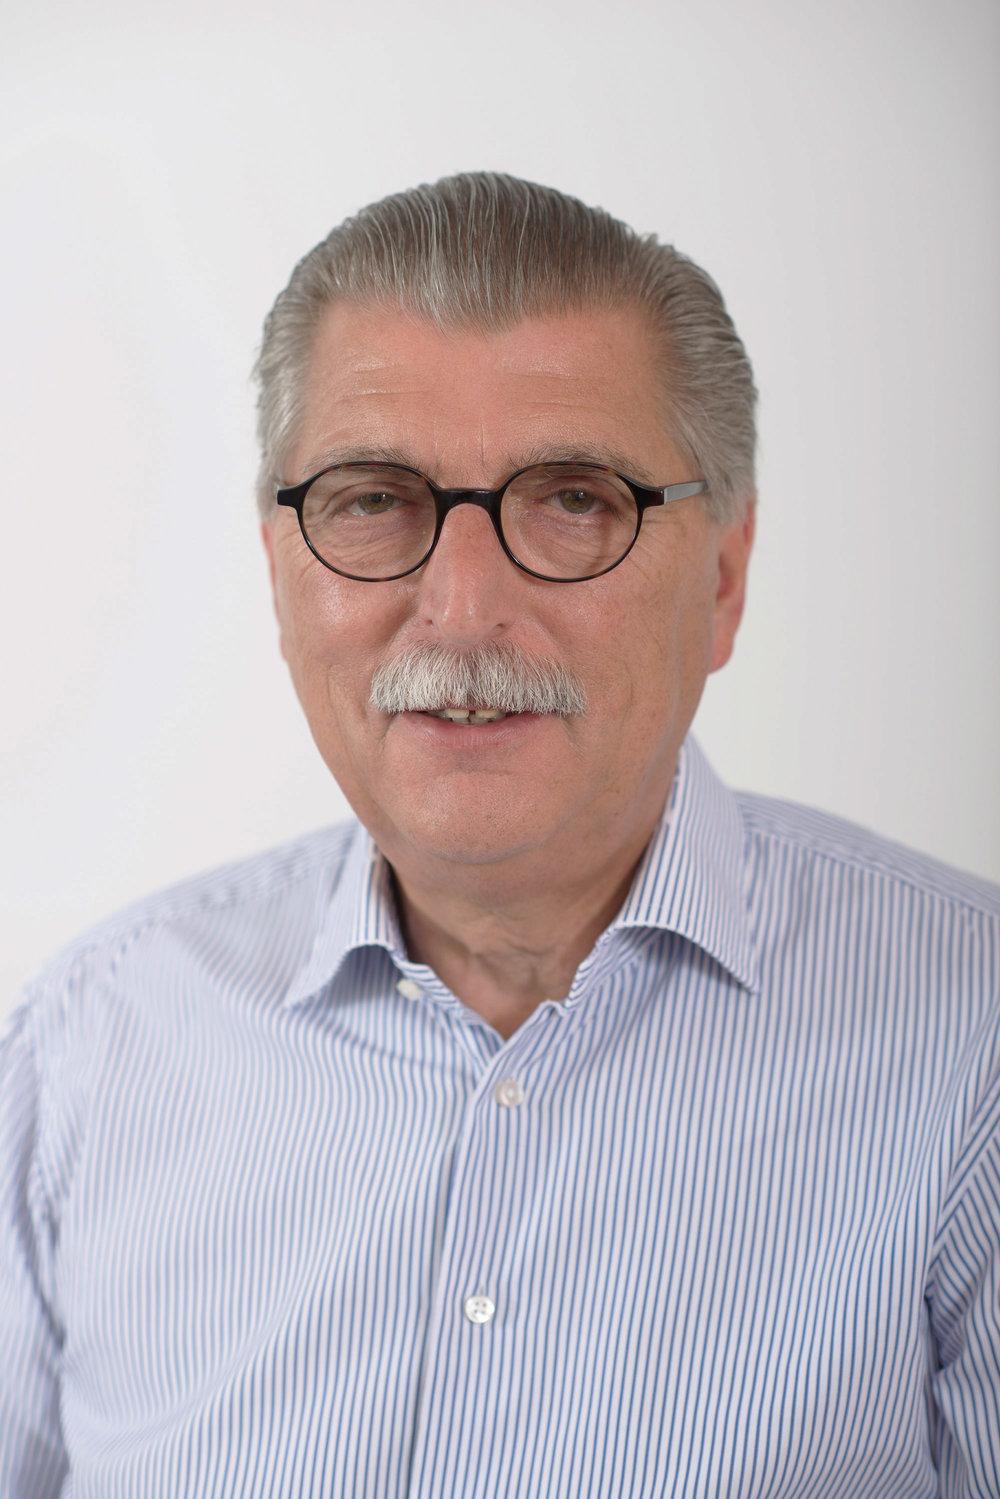 Lászlóffy István - Tulajdonos és Ügyvezető